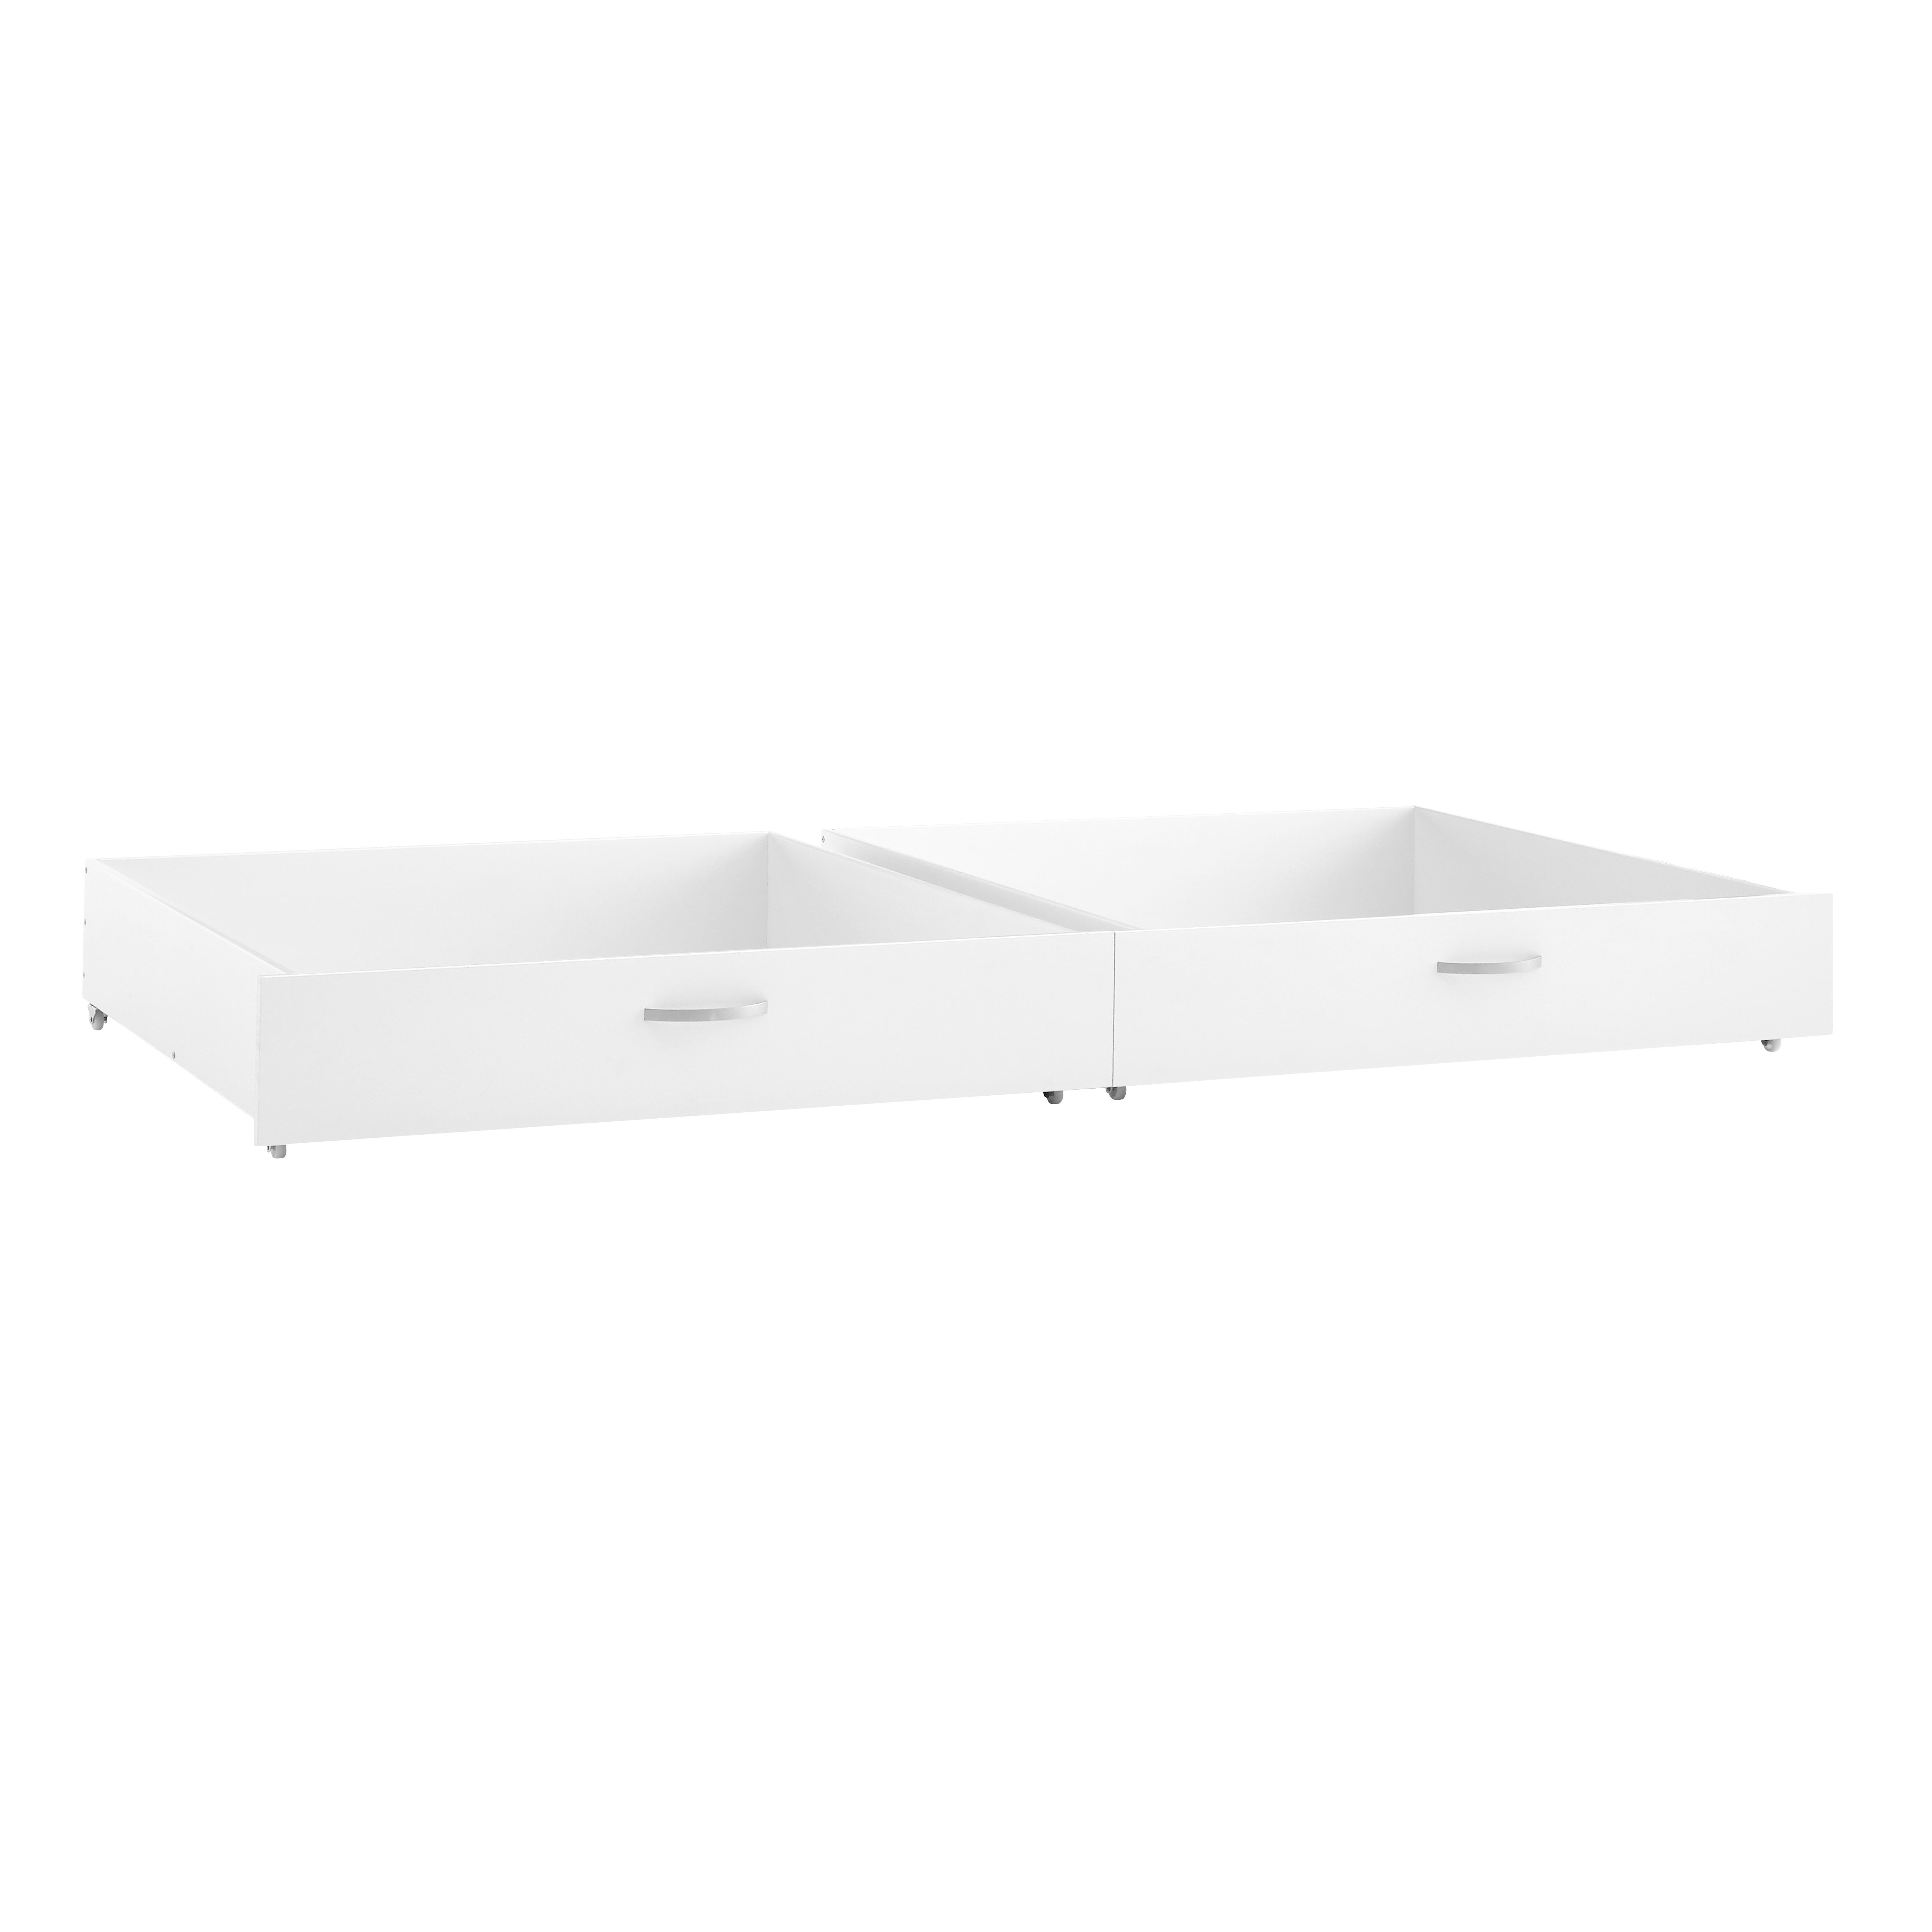 Billede af Flexa Basic sengeskuffer - Nordic - 2 stk